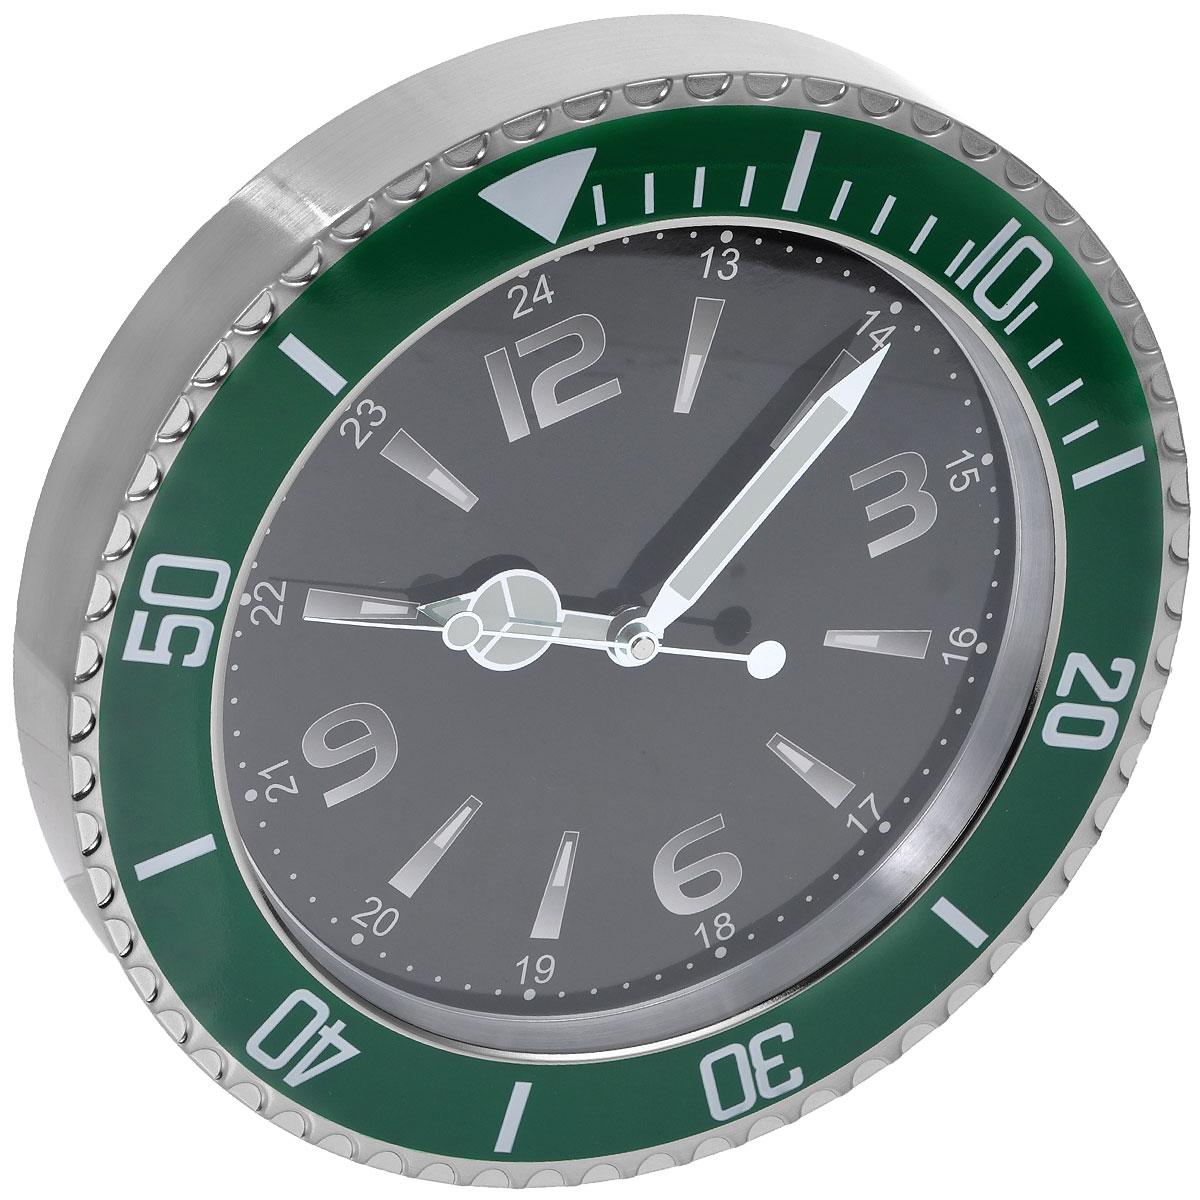 Часы настенные Командирские. 9550095500Оригинальные настенные часы Командирские круглой формы выполнены из металла и защищены стеклом. Часы имеют три стрелки - часовую, минутную и секундную. На стрелках нанесен специальный состав, светящийся в темноте. Необычное дизайнерское решение и качество исполнения придутся по вкусу каждому. Оформите совой дом таким интерьерным аксессуаром или преподнесите его в качестве презента друзьям, и они оценят ваш оригинальный вкус и неординарность подарка. Часы работают от одной батарейки типа АА мощностью 1,5V (не входит в комплект).